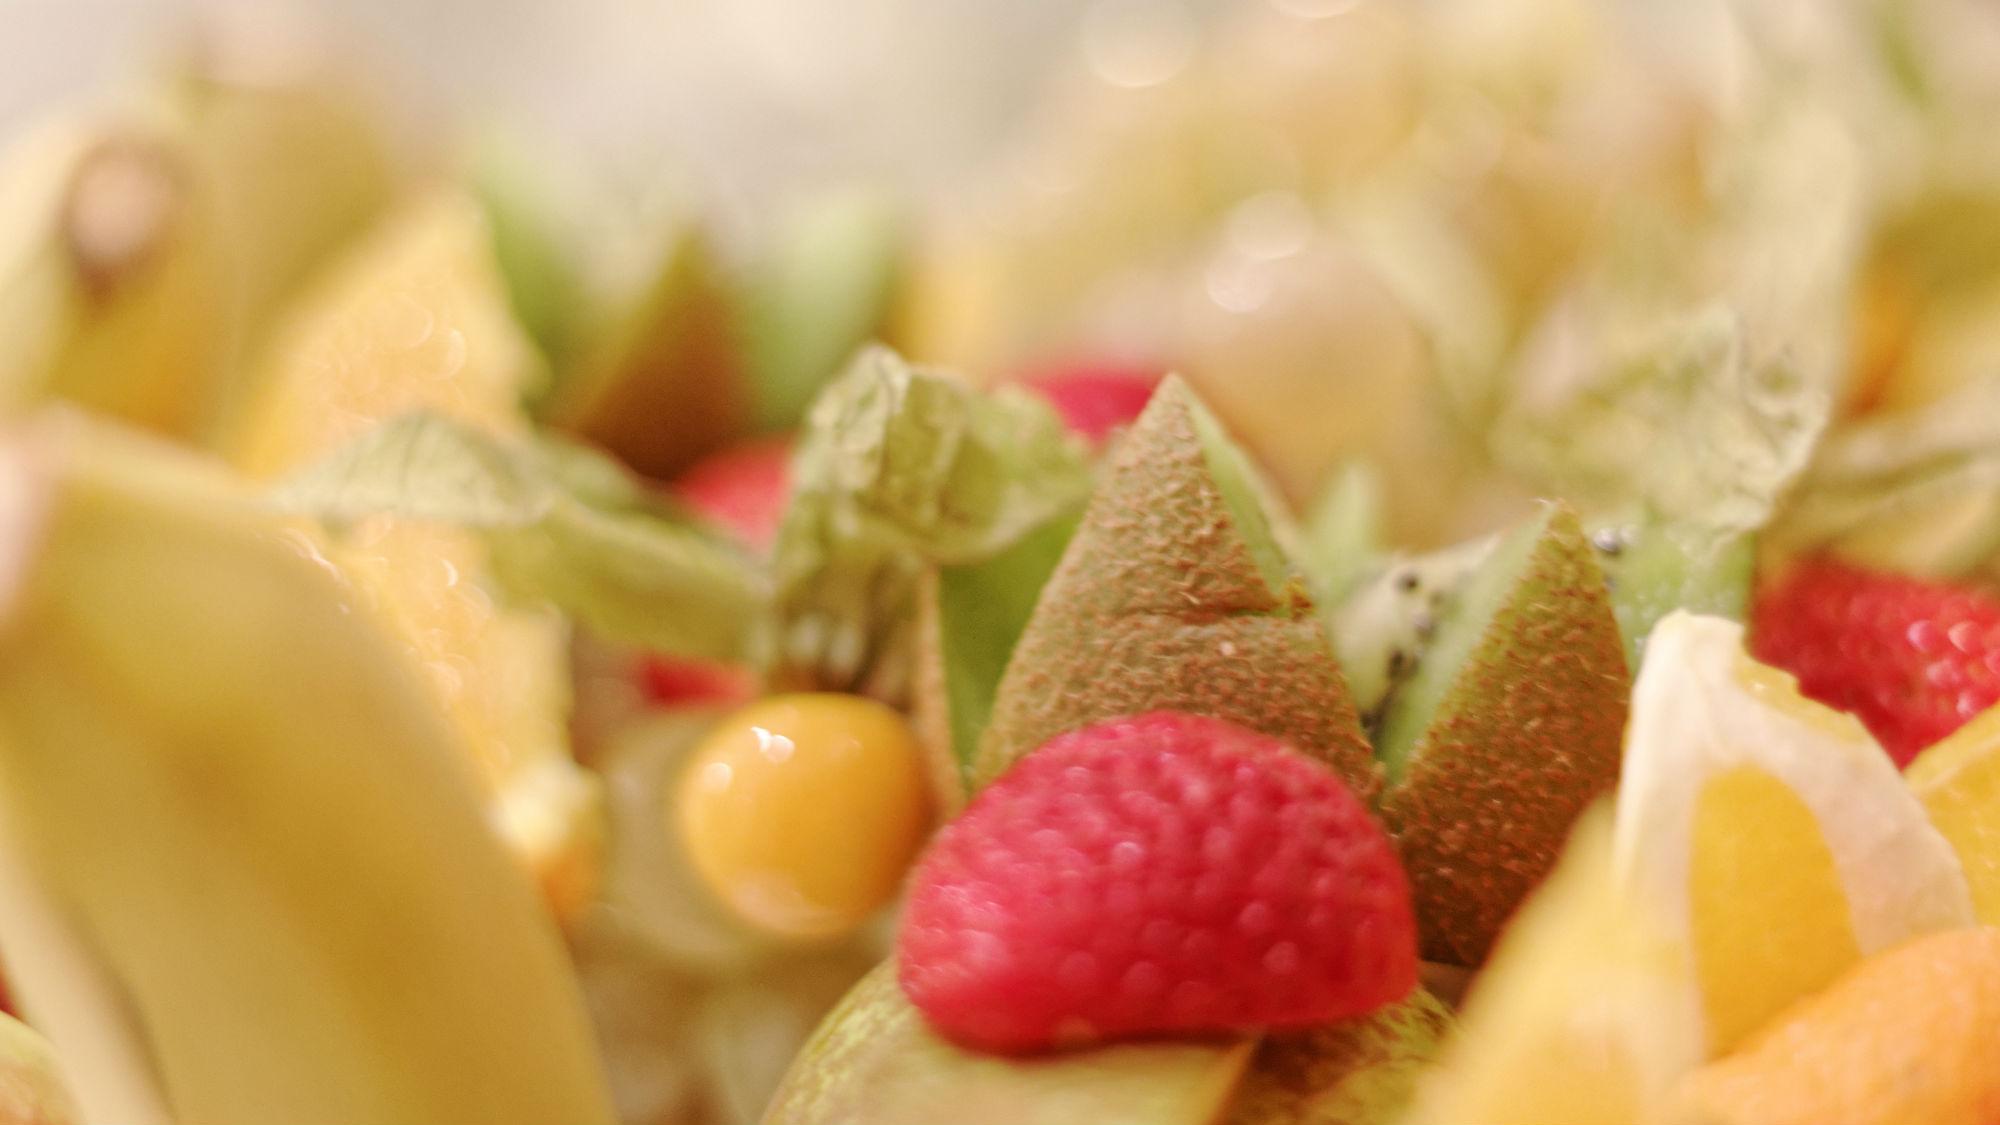 2000x1125fruits